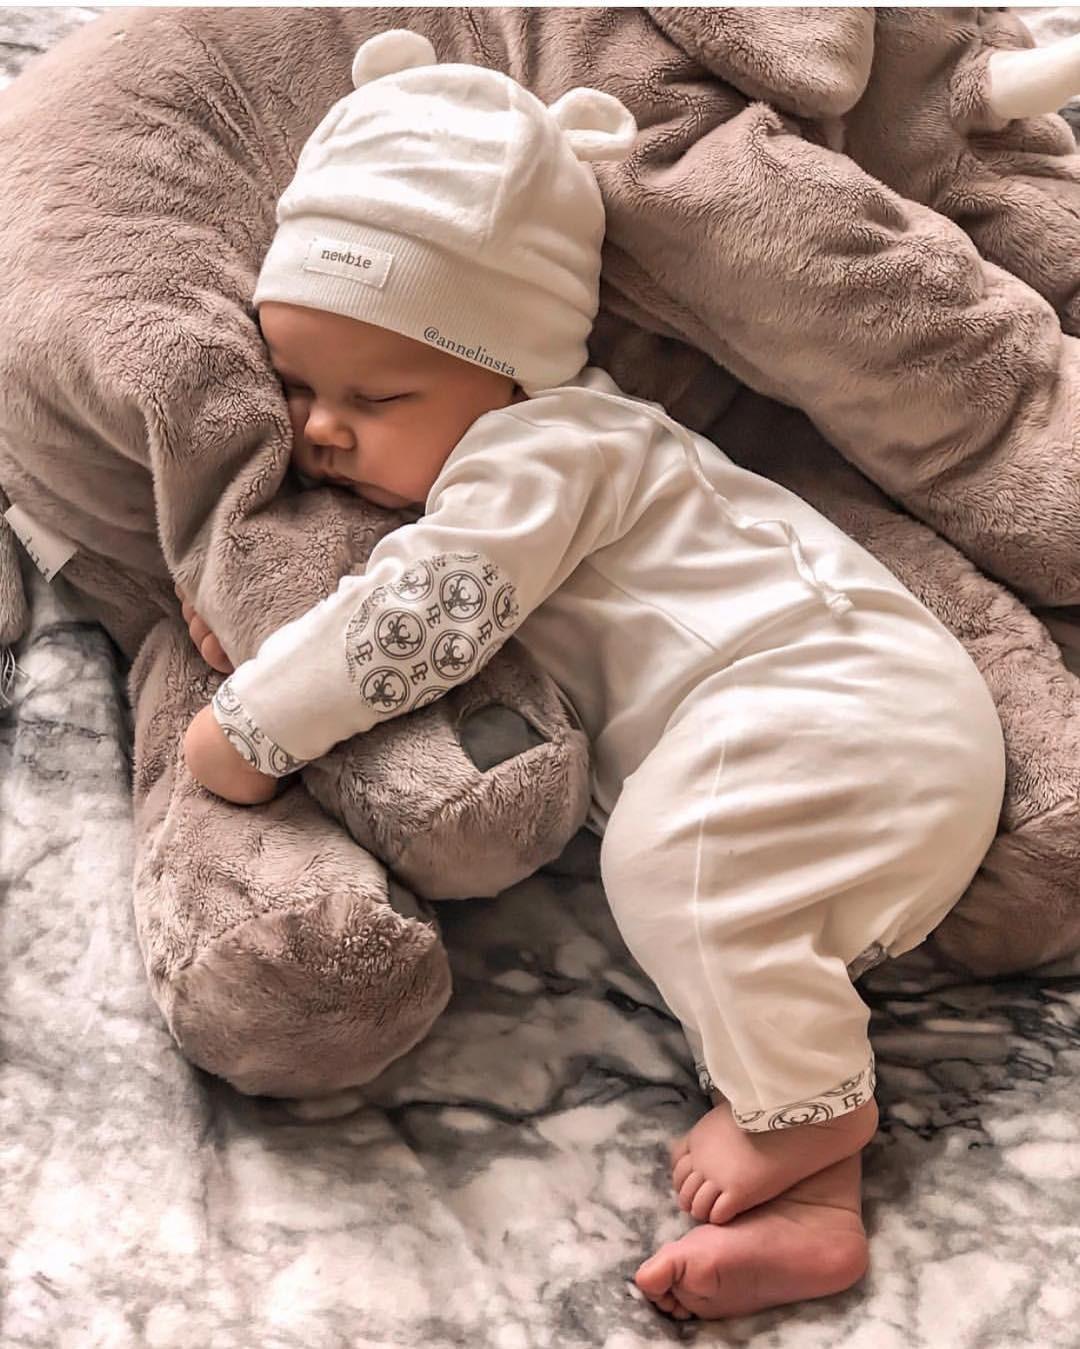 Мягкие игрушки — частая причина удушения, а более старшие дети могут использовать ее как подставку иупасть изкроватки. Если же игрушка – часть ночного ритуала (например, ребенок засыпае...